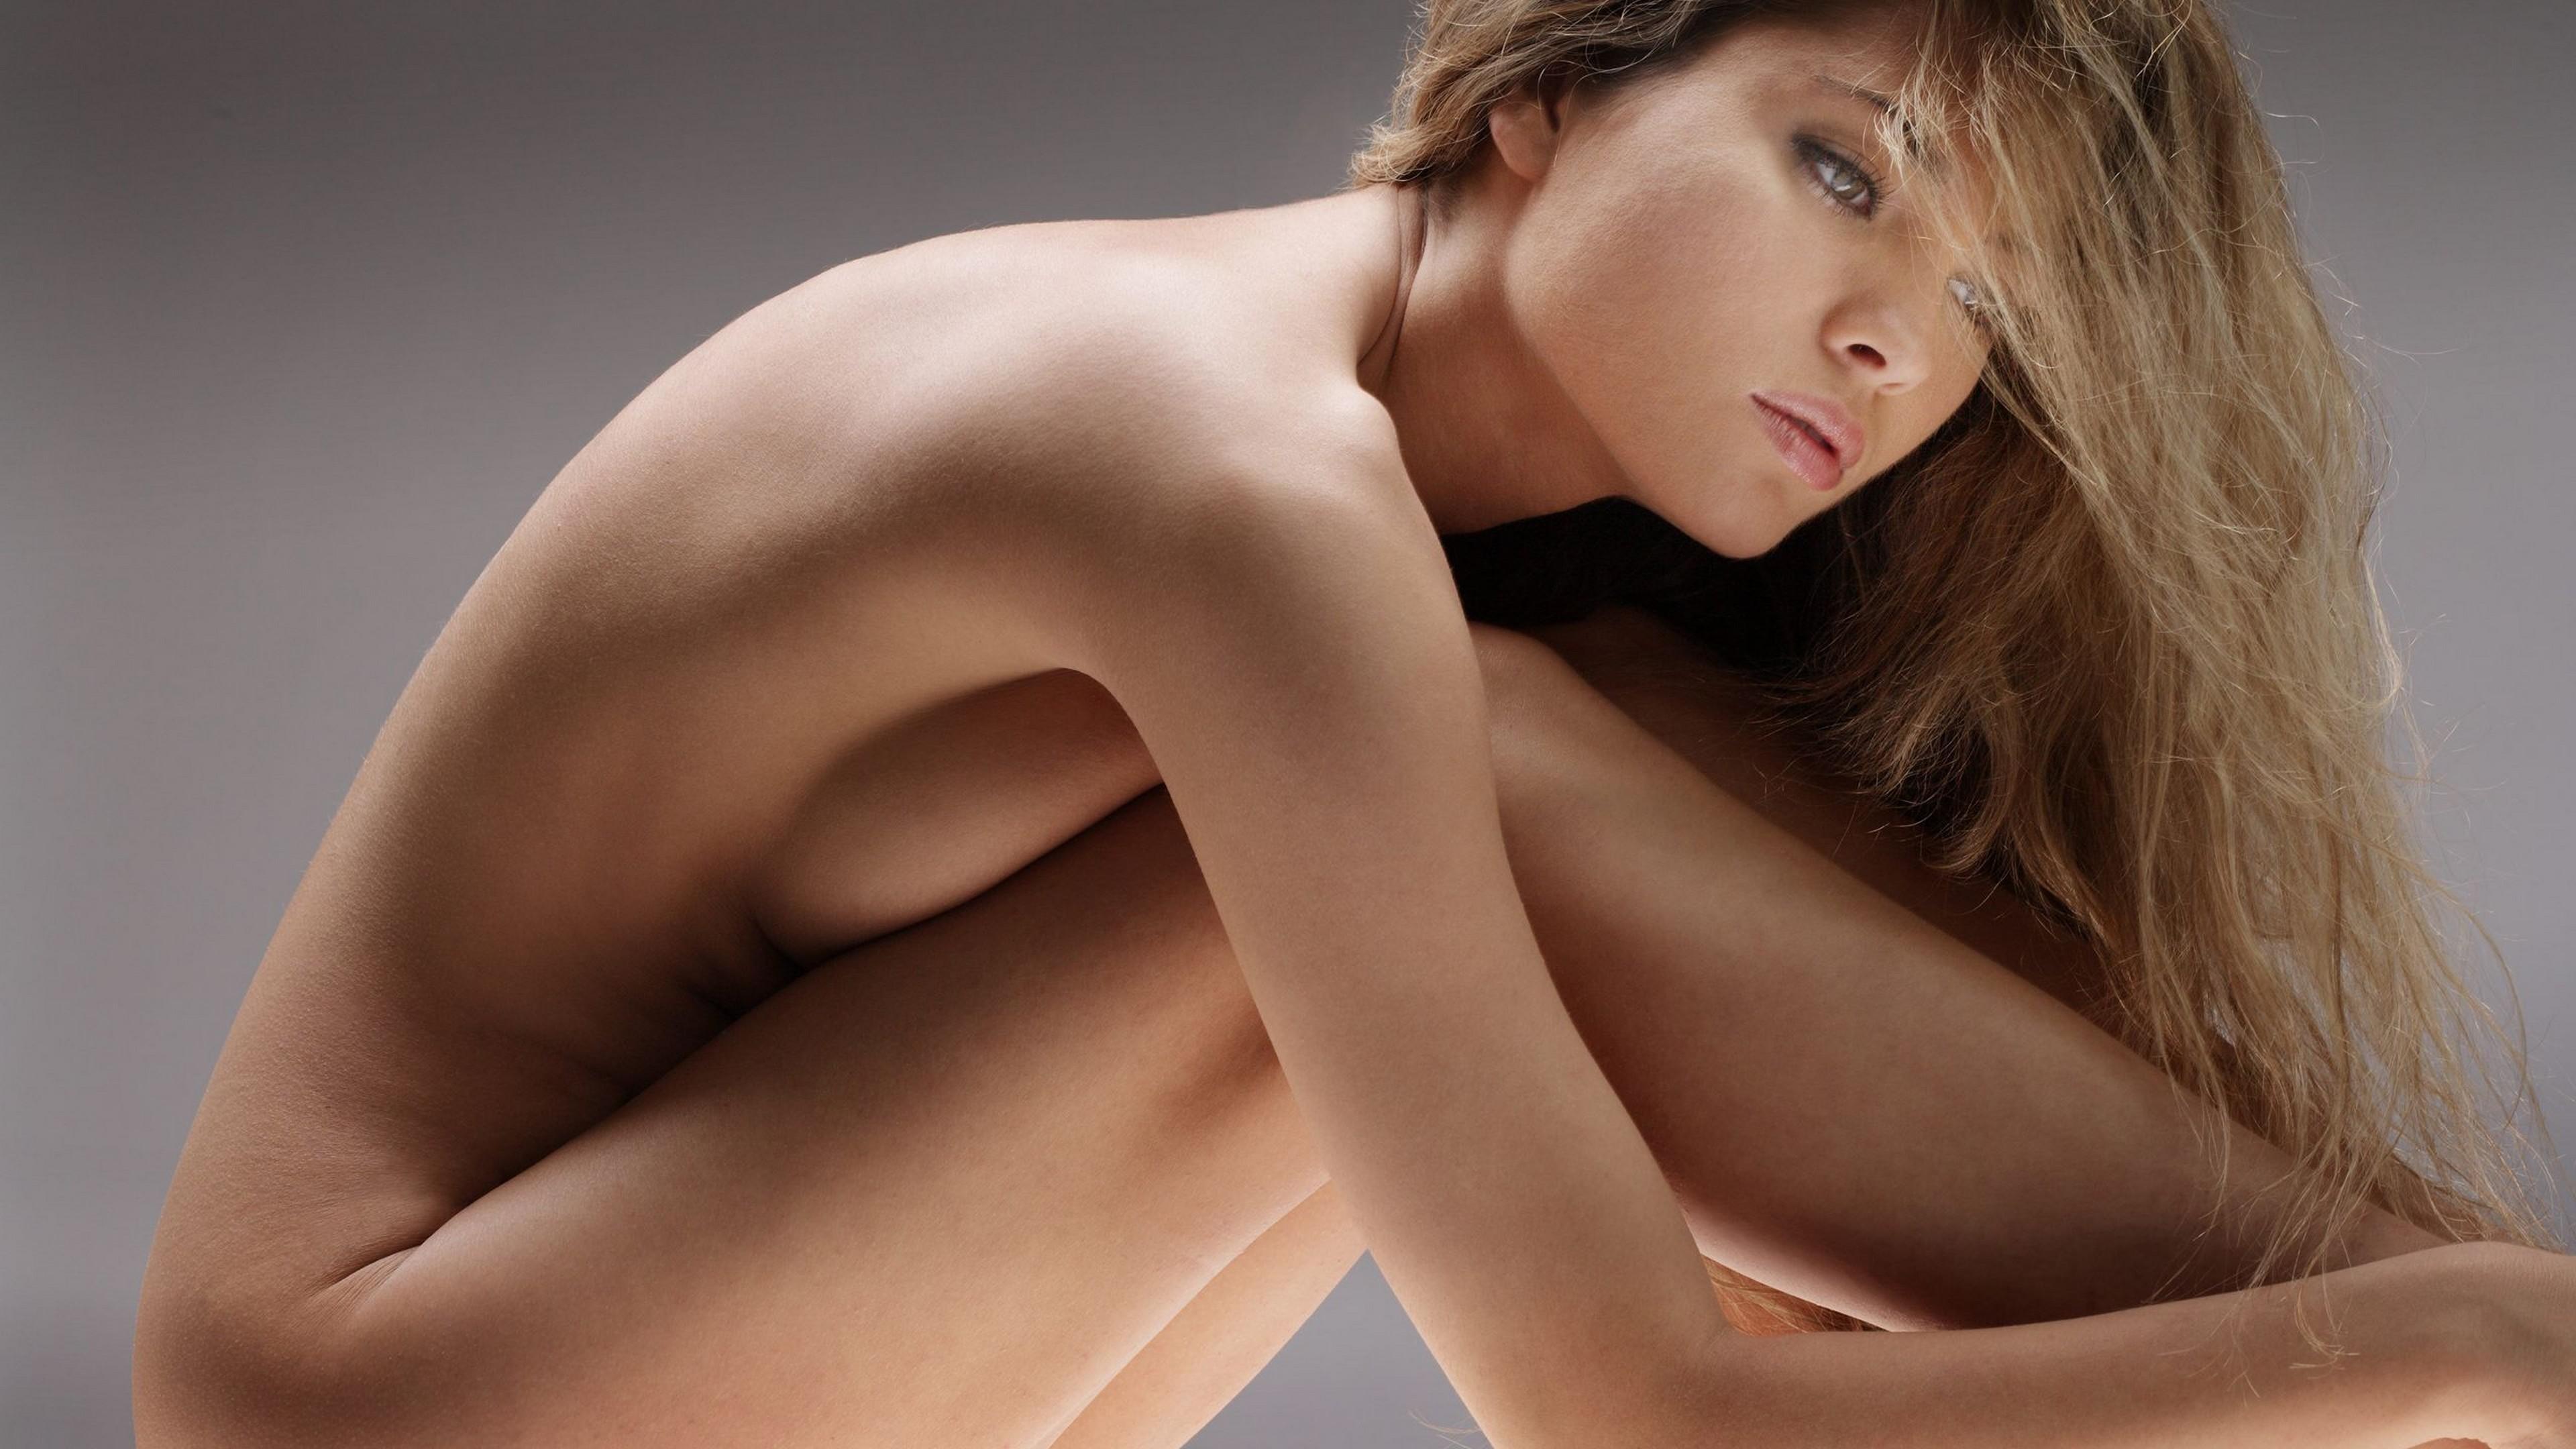 Порно секс красивых девушек